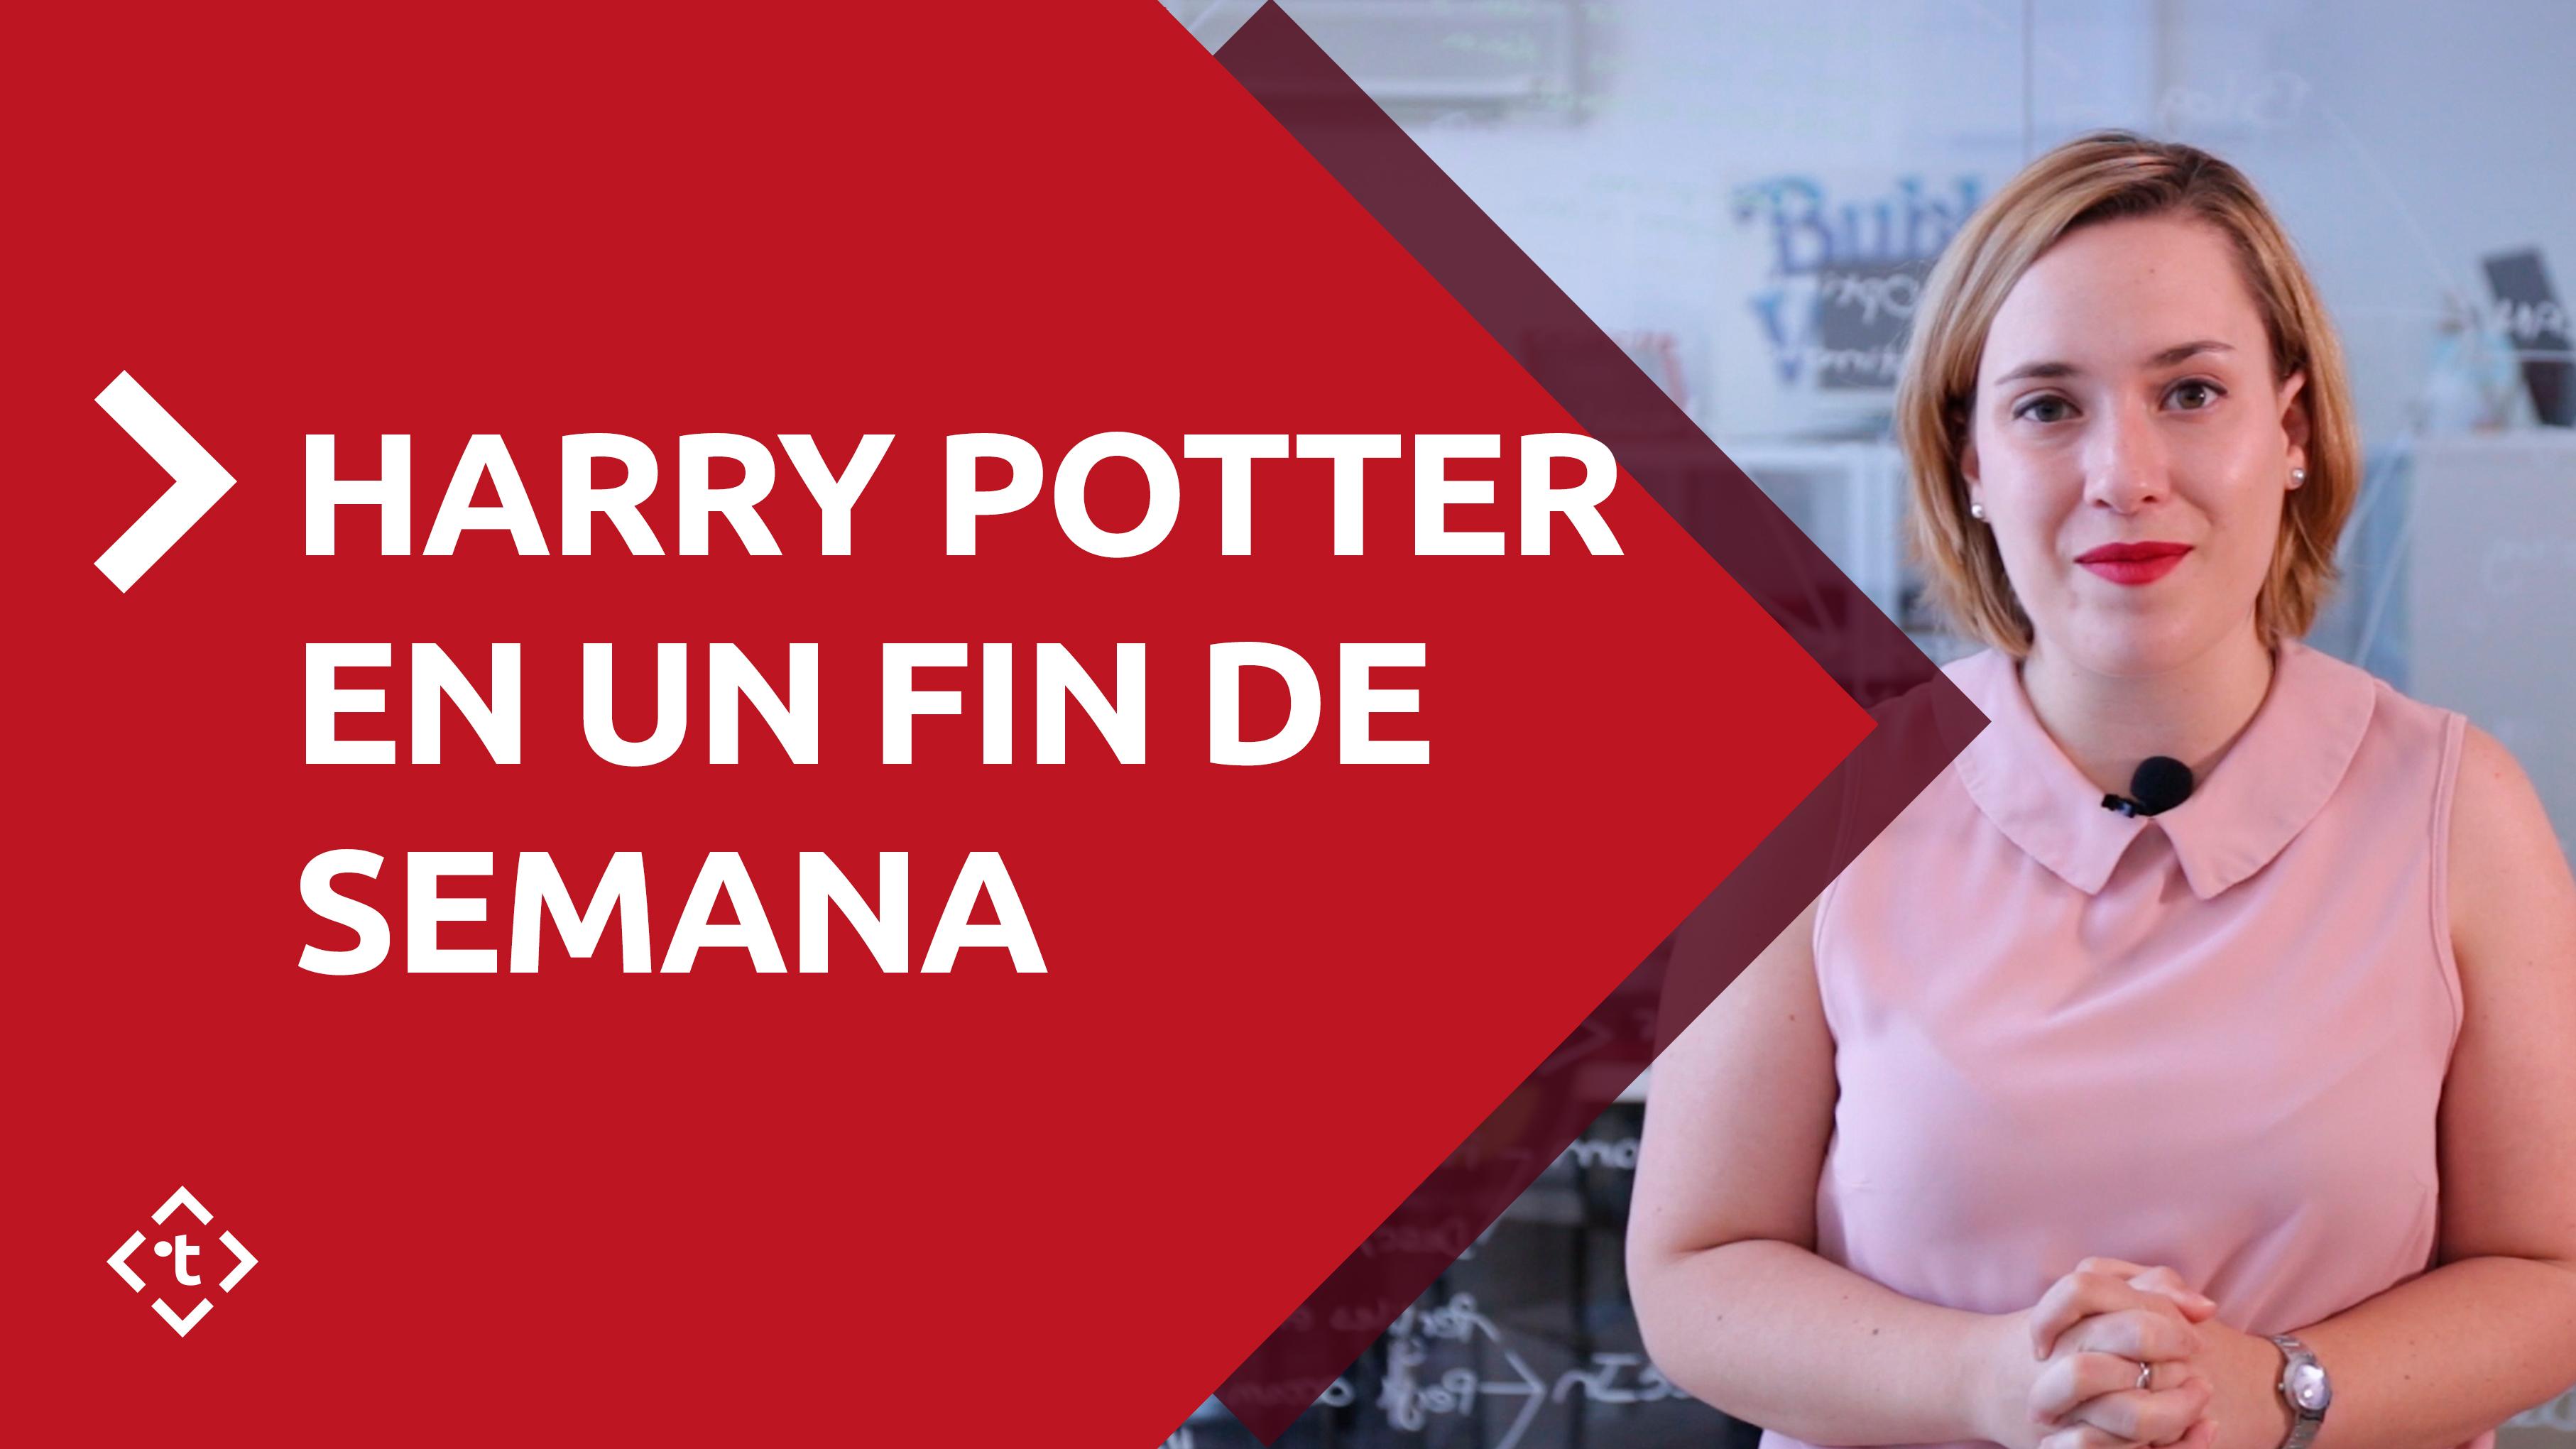 HARRY POTTER EN UN FIN DE SEMANA